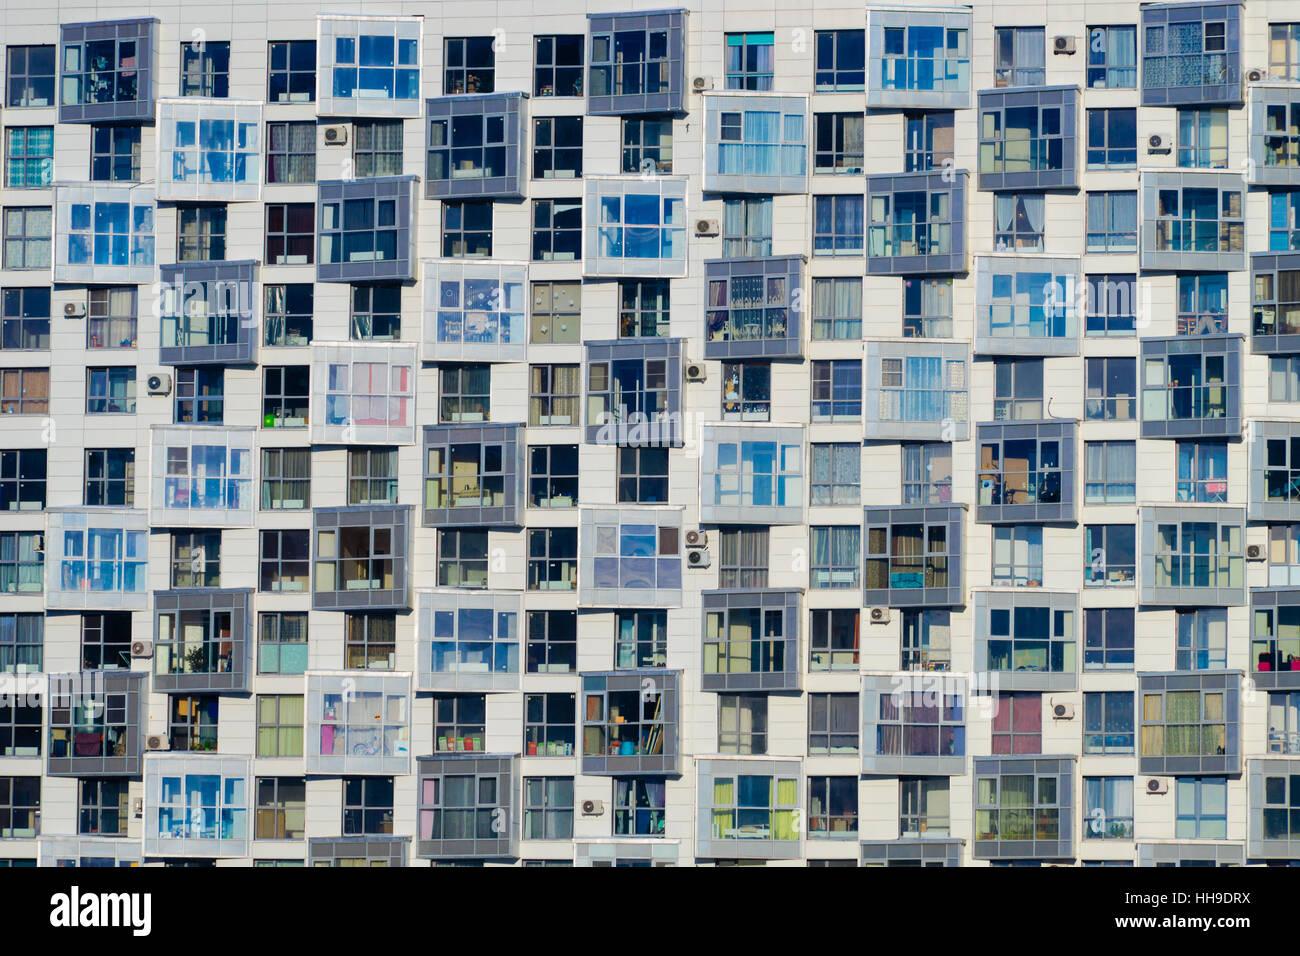 Apartamentos modernos edificios en el exterior día de verano Imagen De Stock